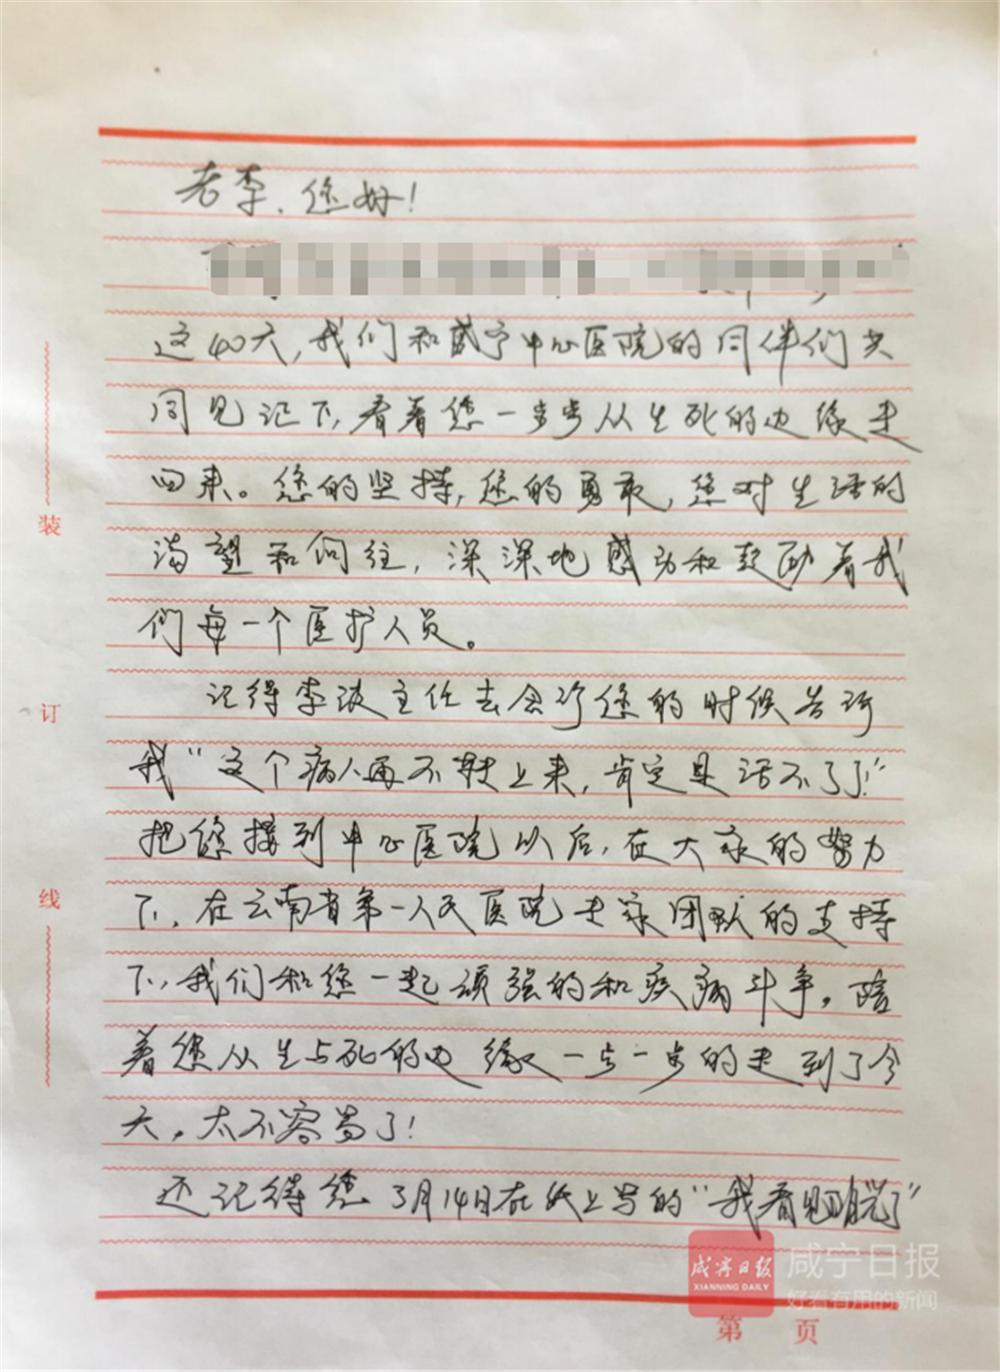 来自云南:一封31人署名的手写信